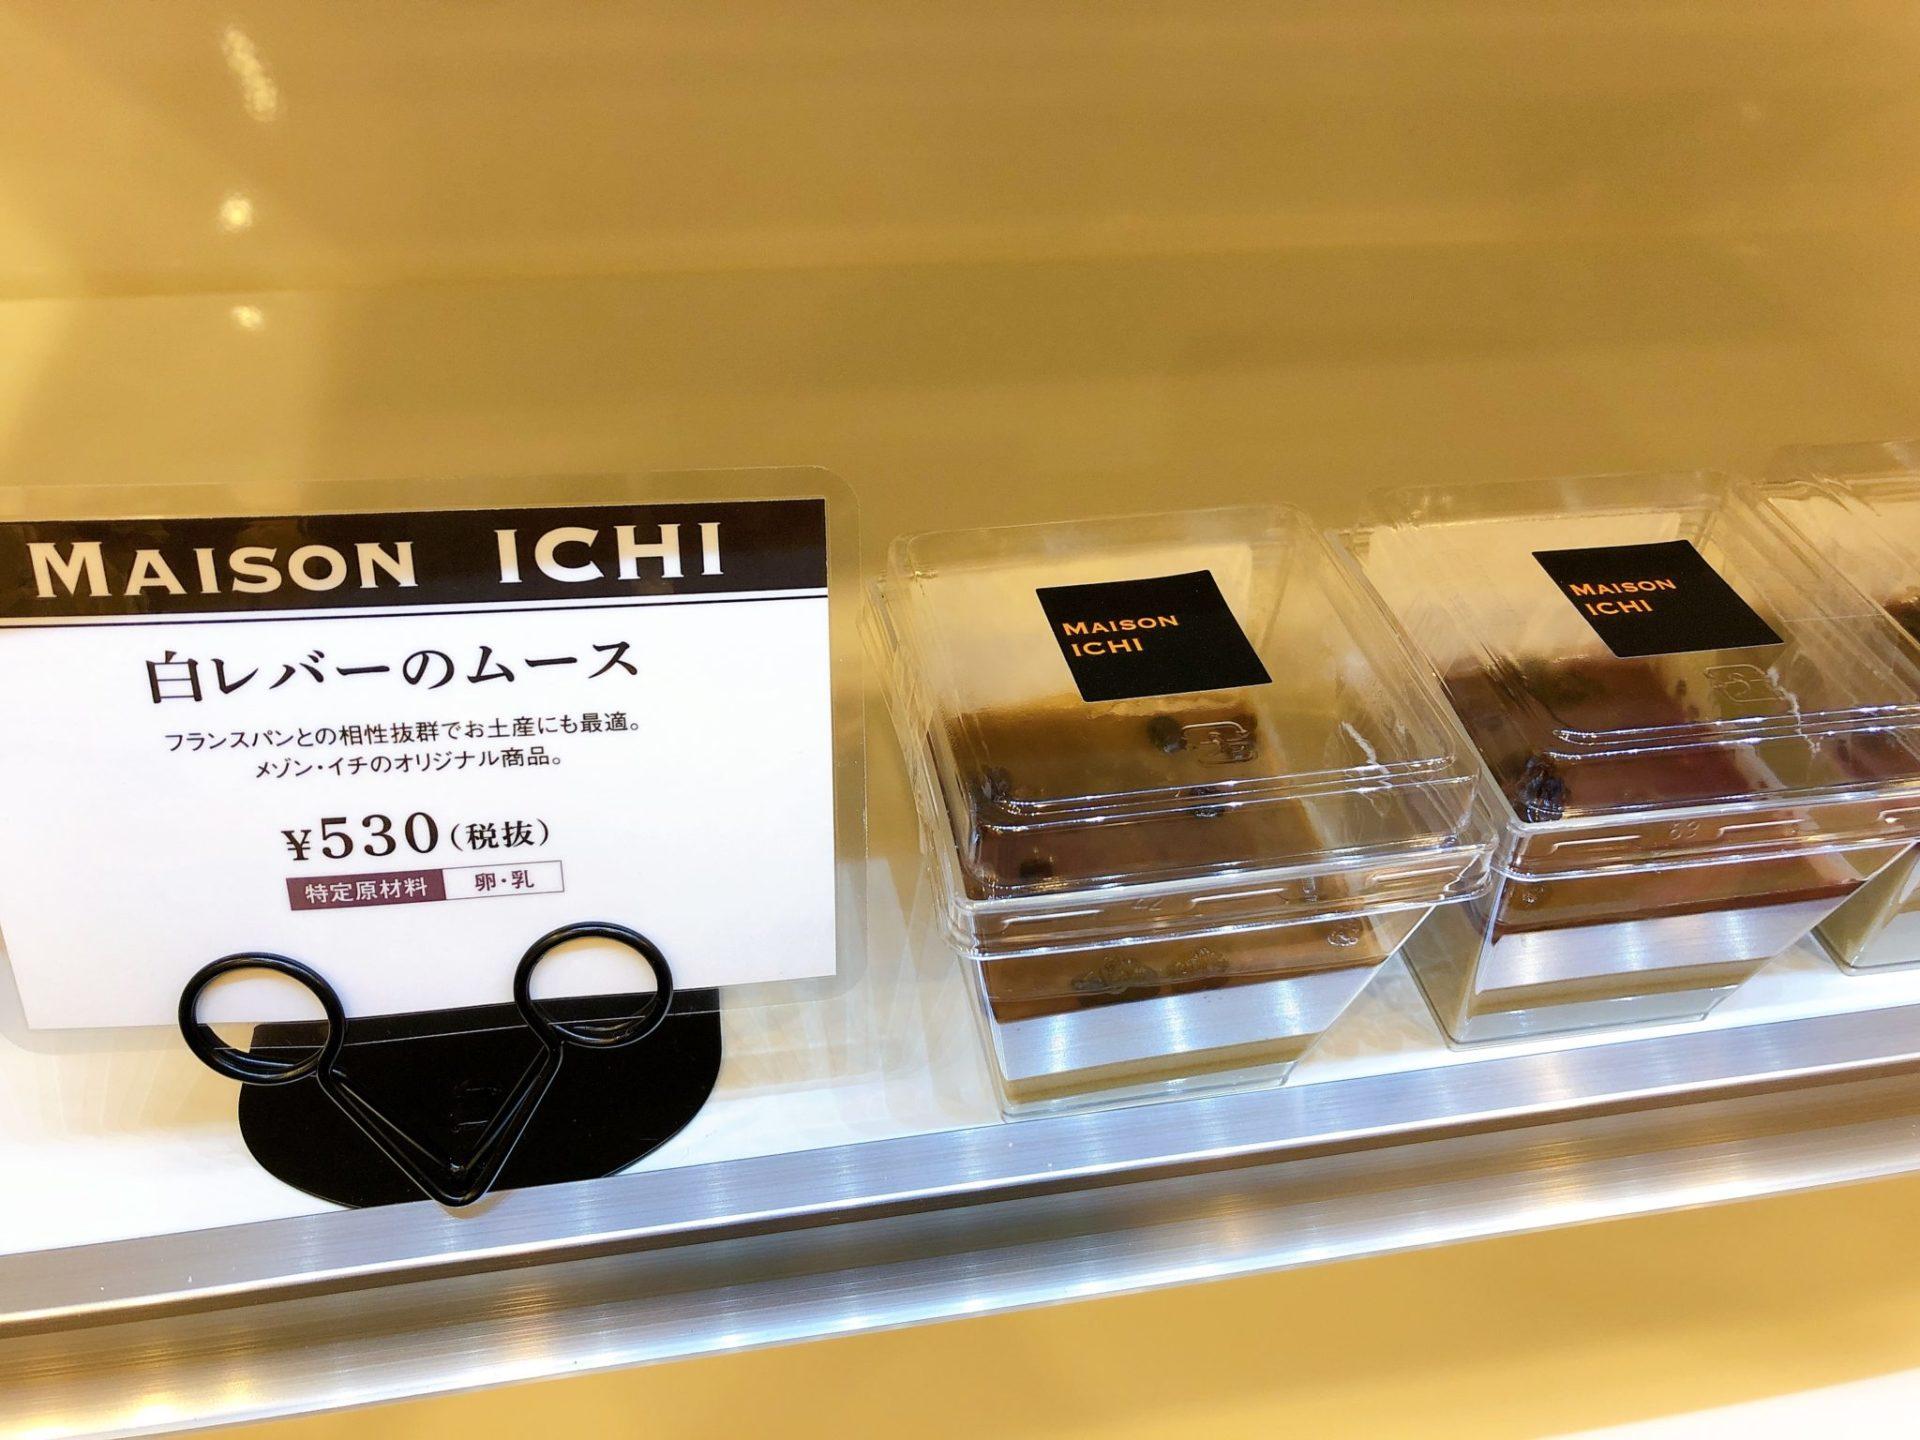 メゾン・イチ経堂店の白レバームース(デリメニュー)